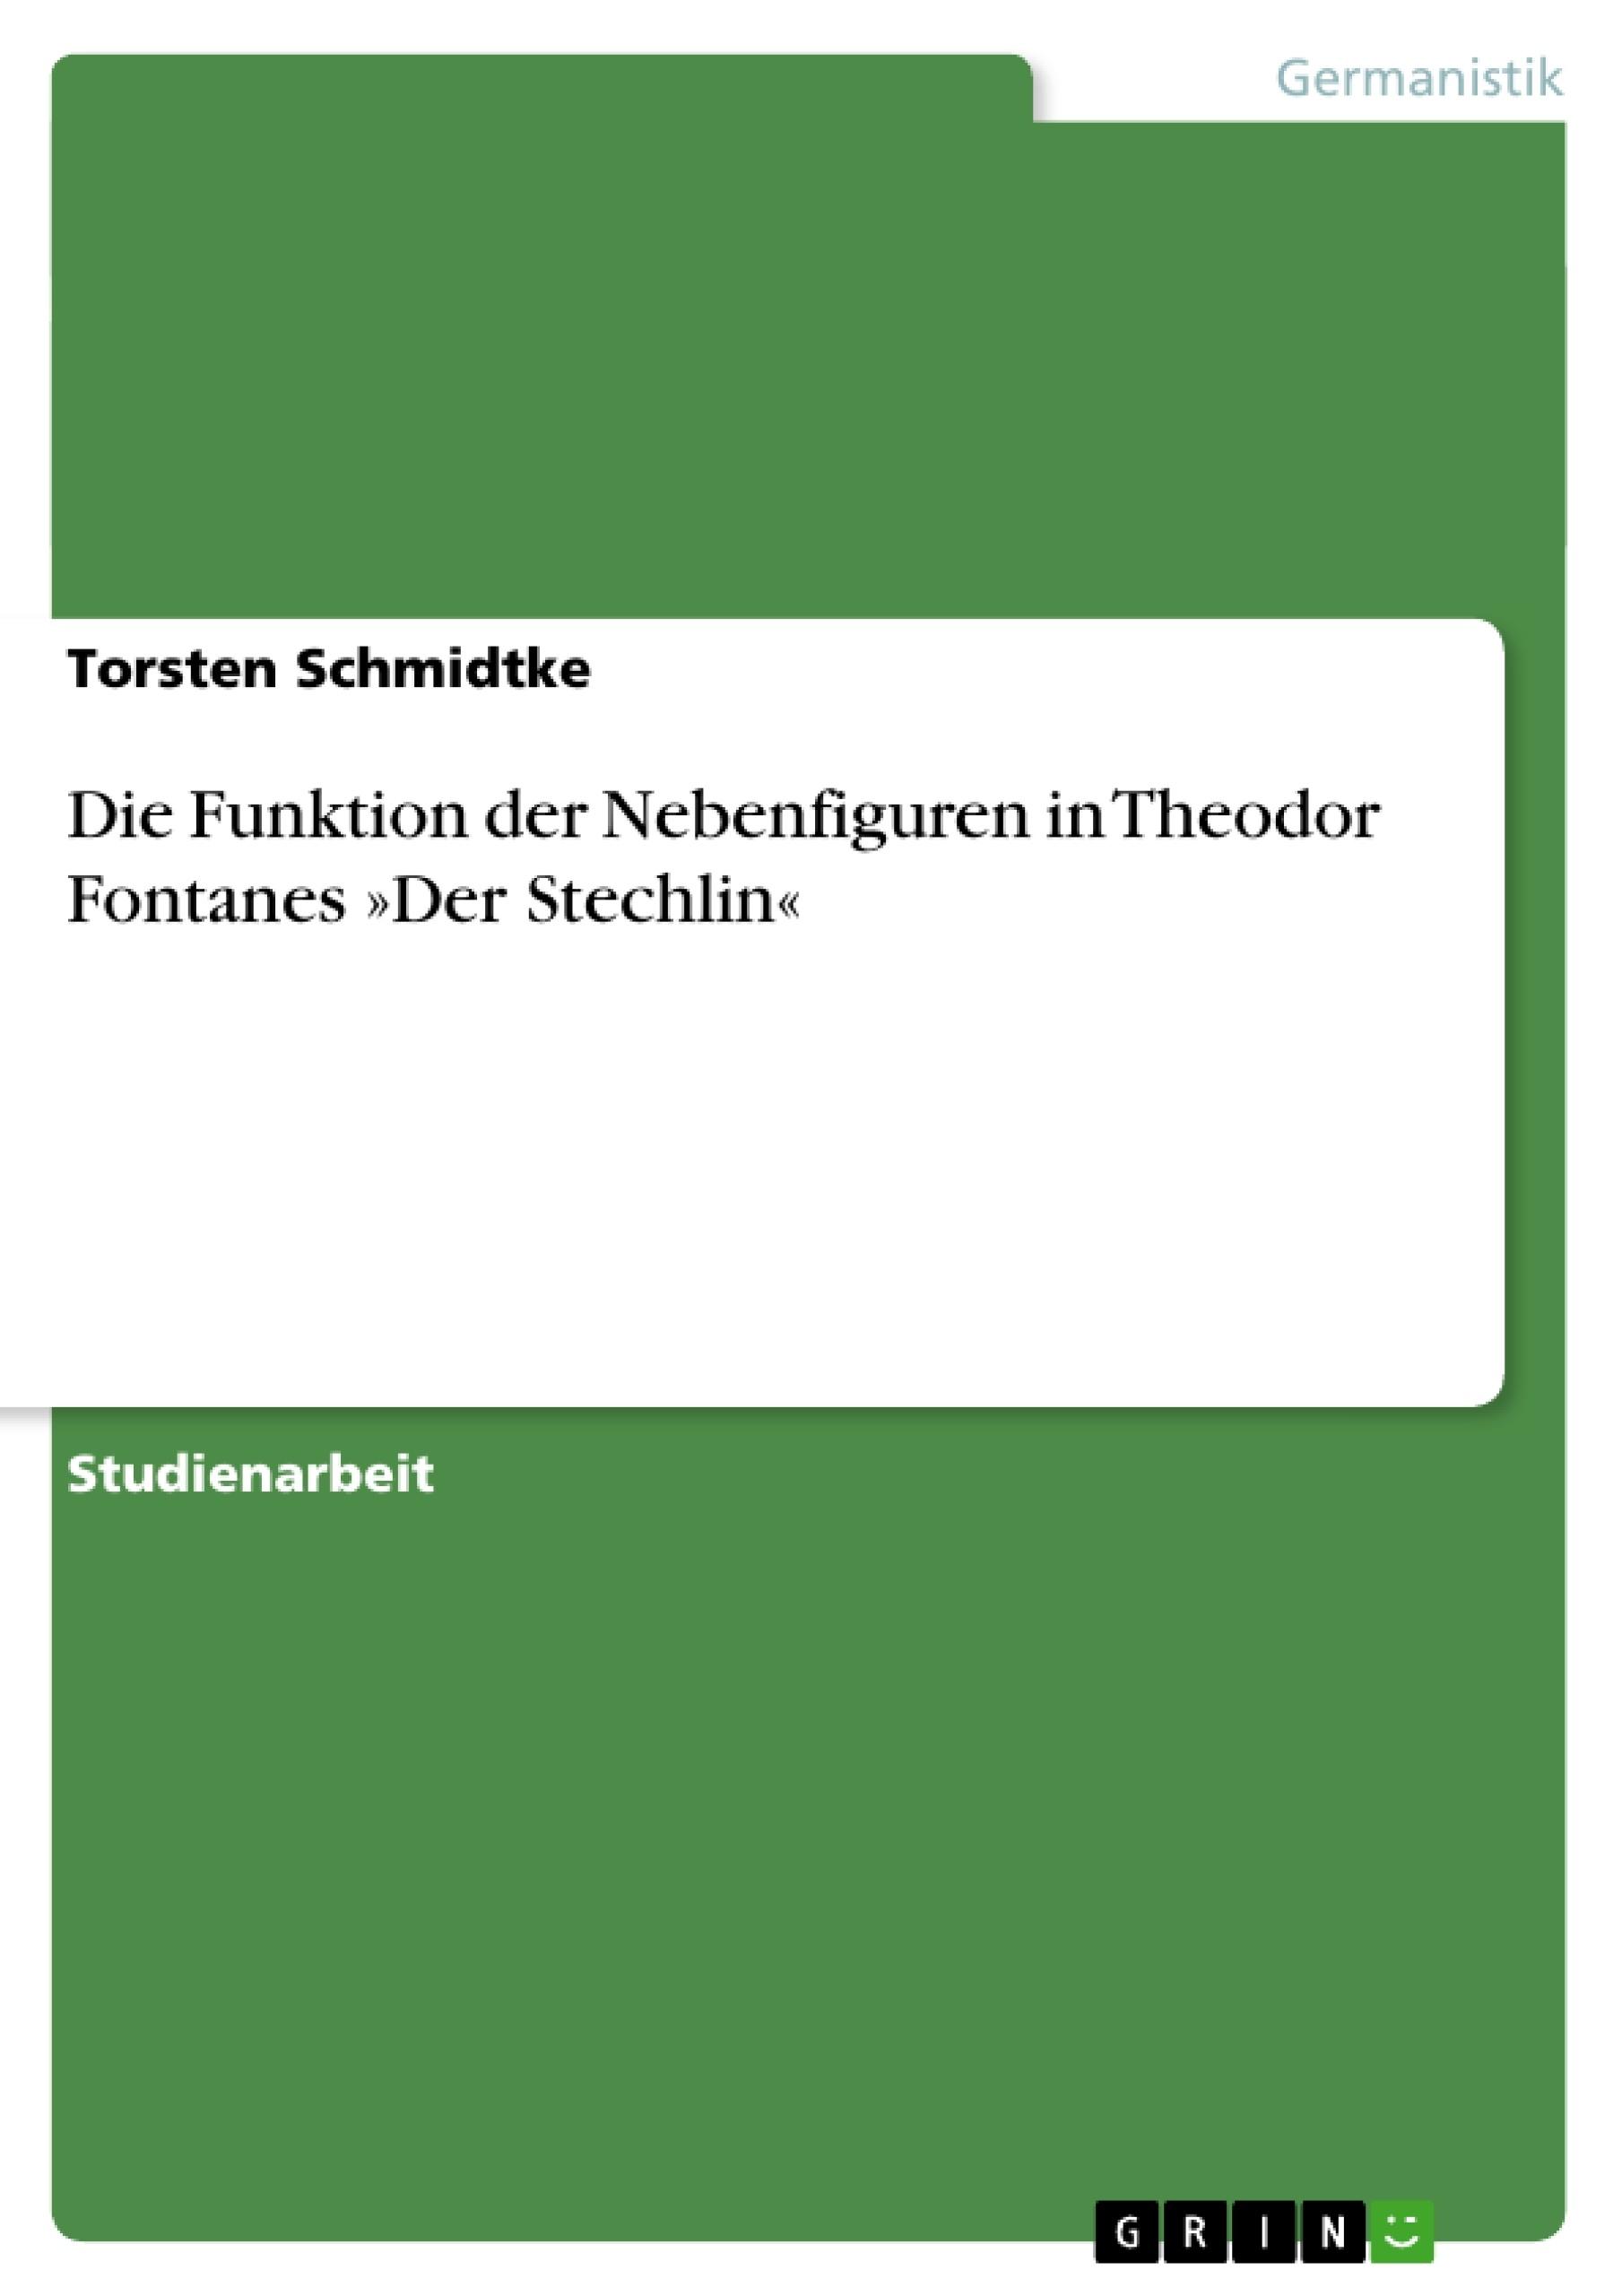 Titel: Die Funktion der Nebenfiguren in Theodor Fontanes »Der Stechlin«